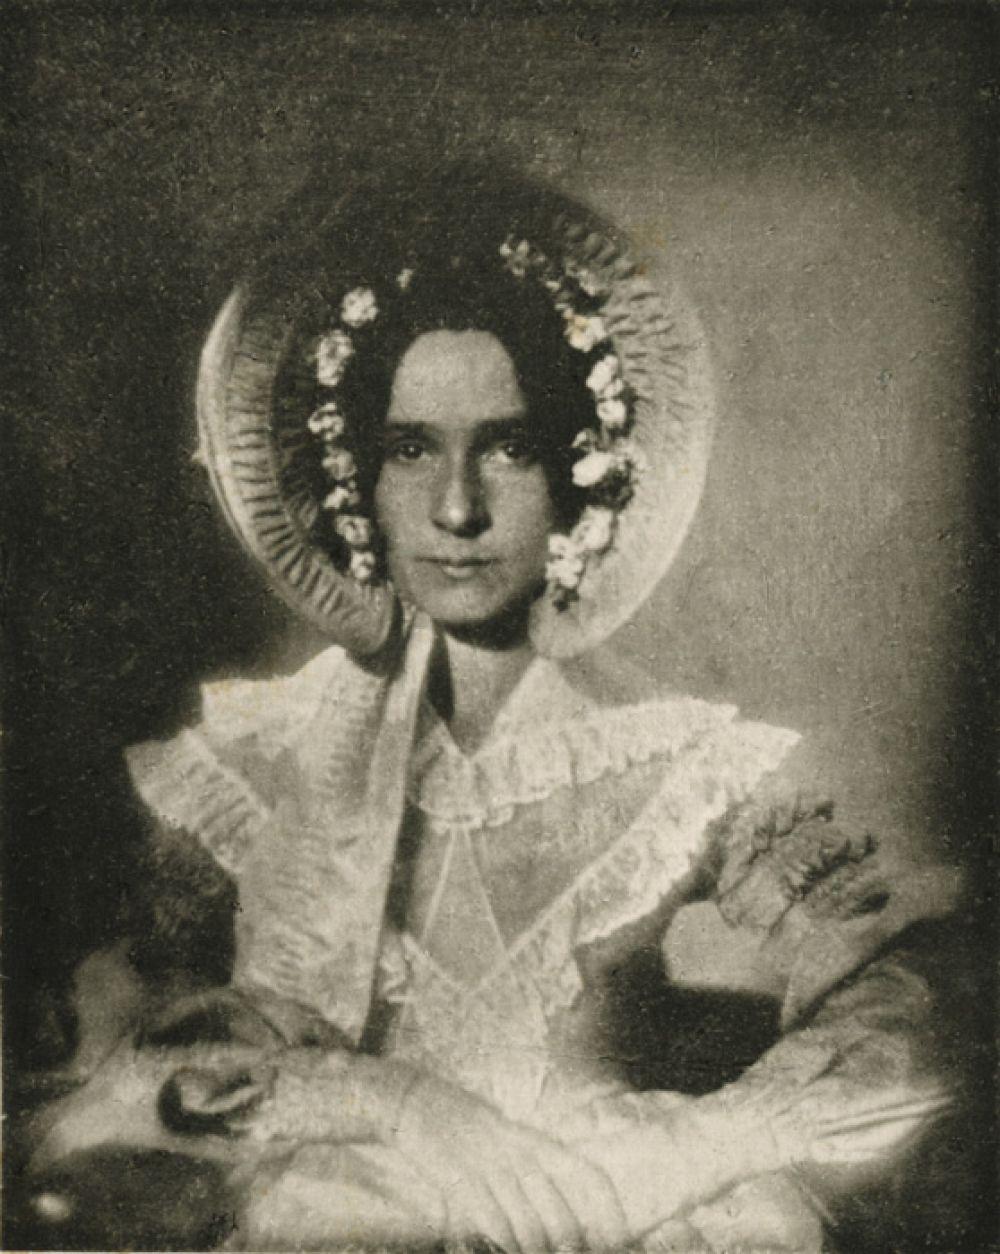 Первый в истории женский фотопортрет, снятый Джоном Дрейпером в 1840 году. На нем изображена его сестра Дороти.